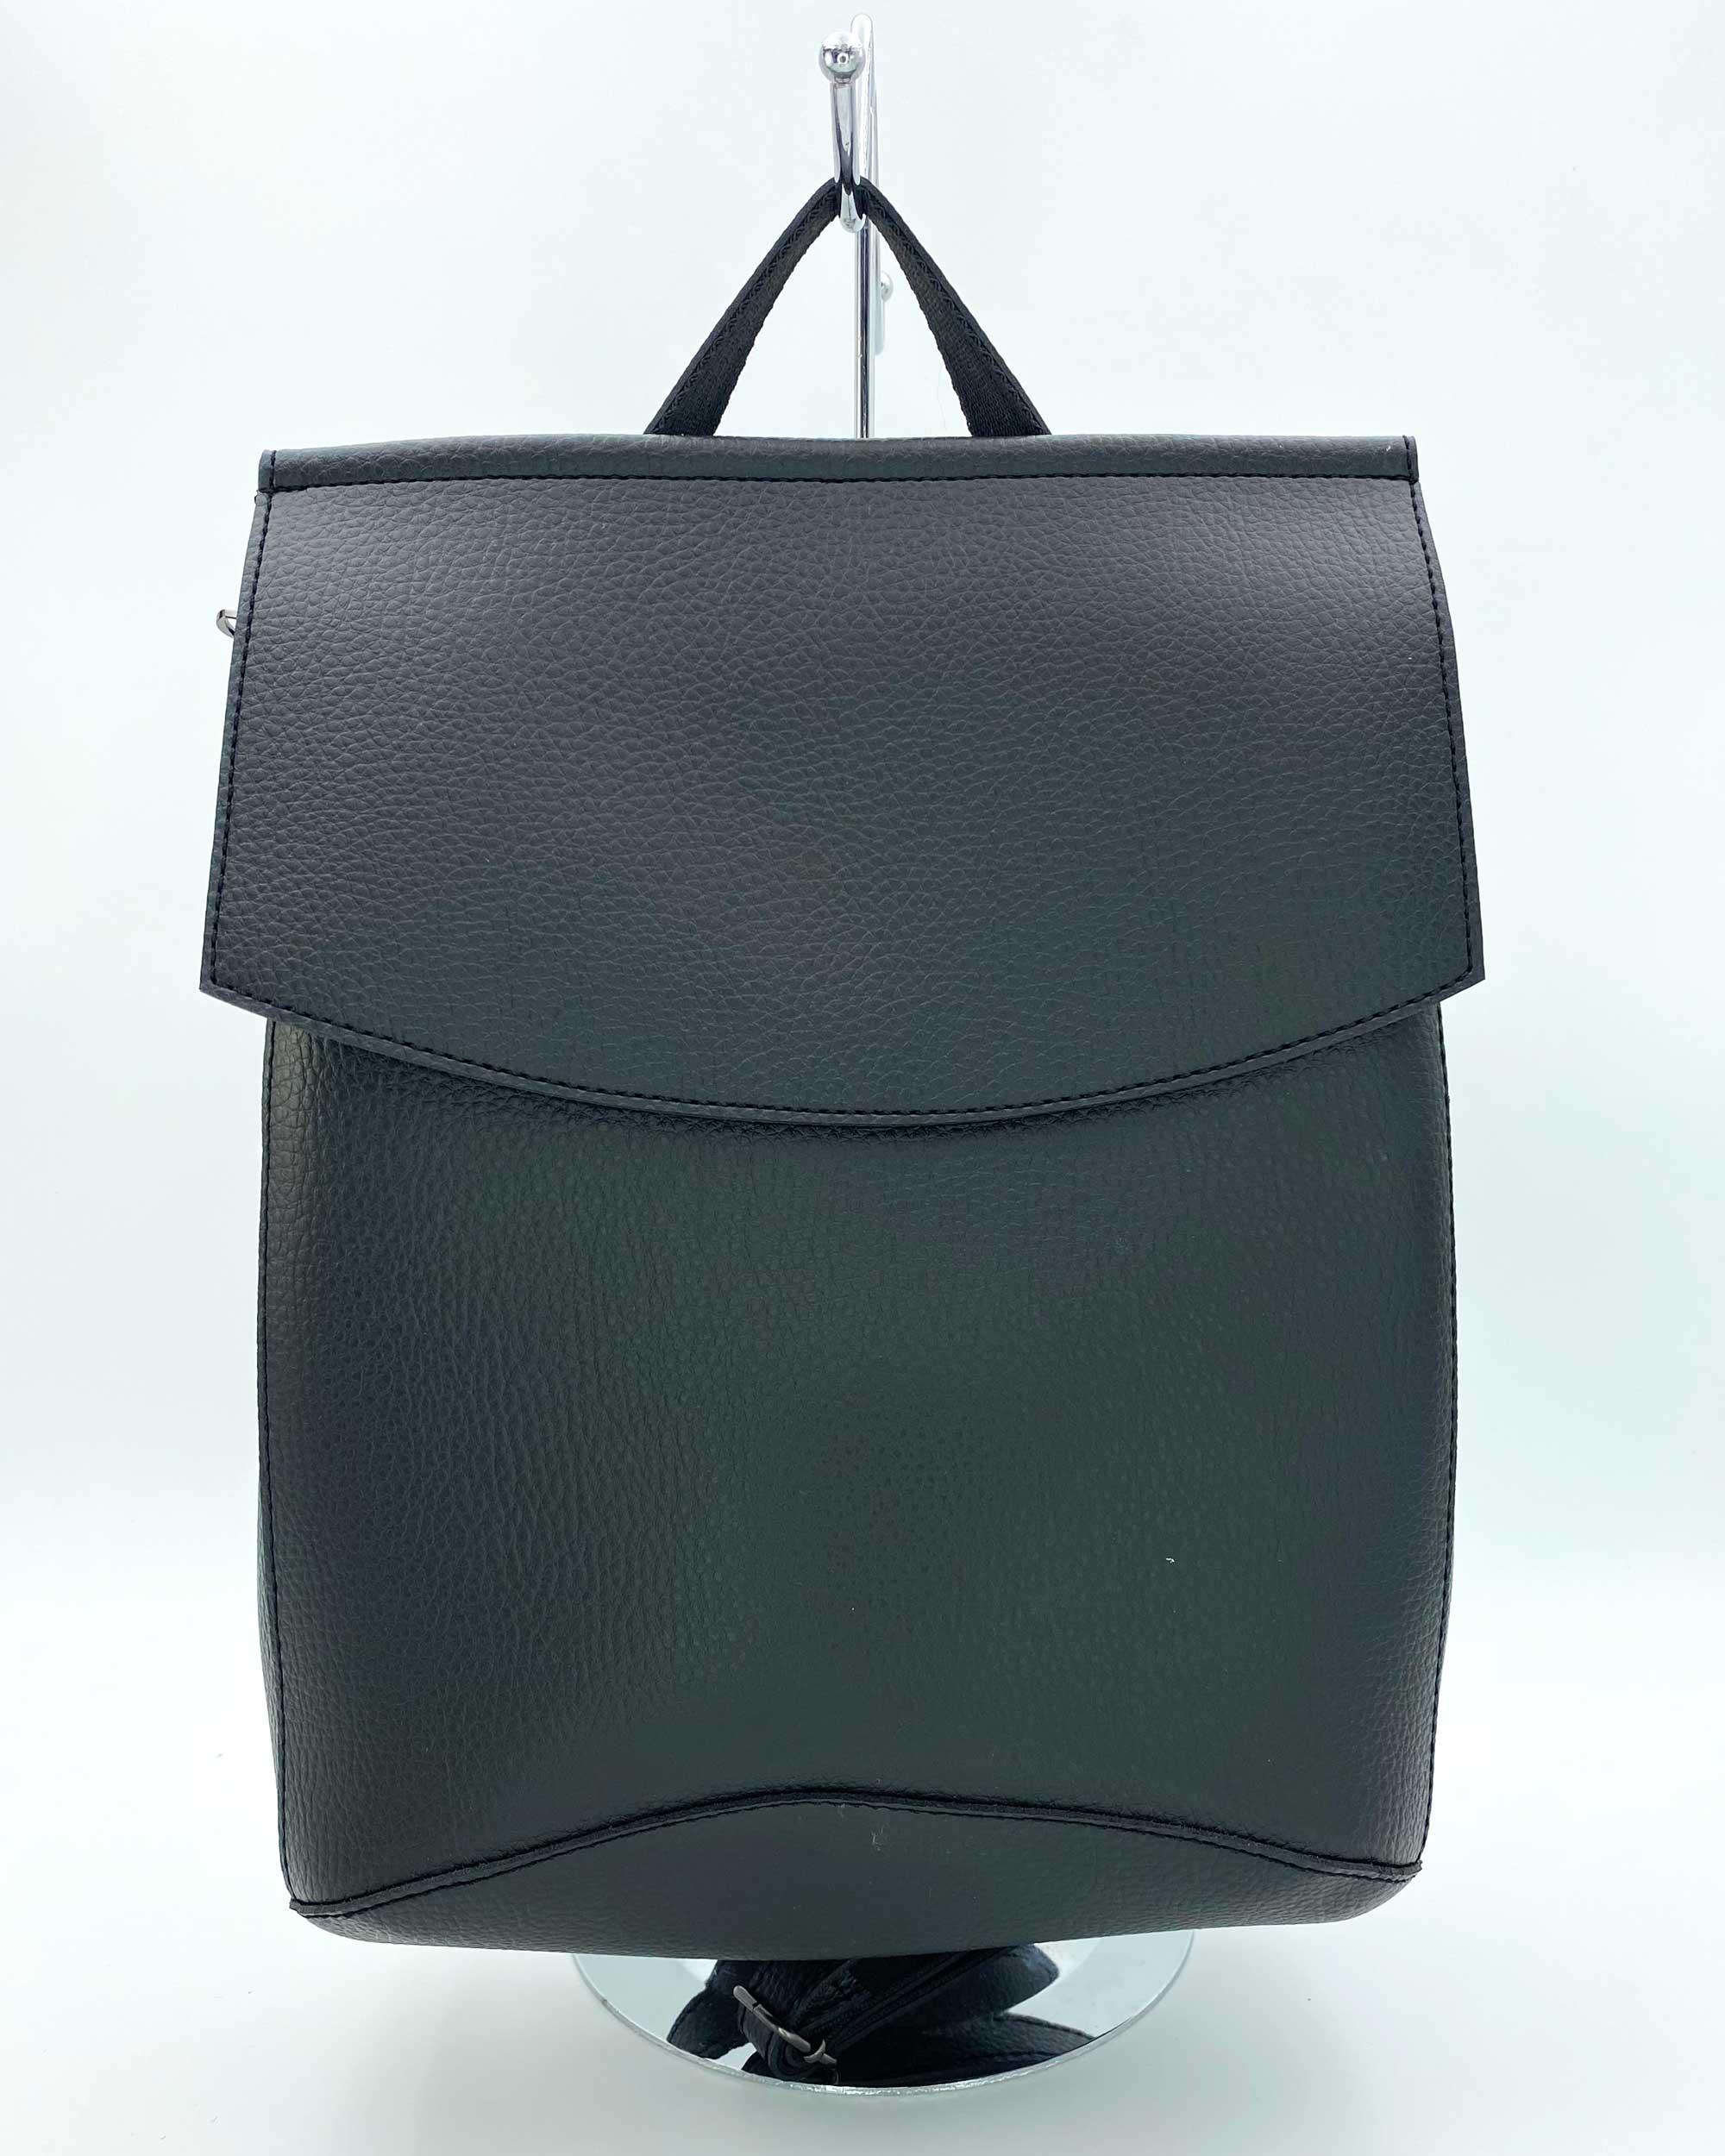 3a19636ad587 Молодежный сумка-рюкзак черного цвета оптом арт.44201 | WeLassie